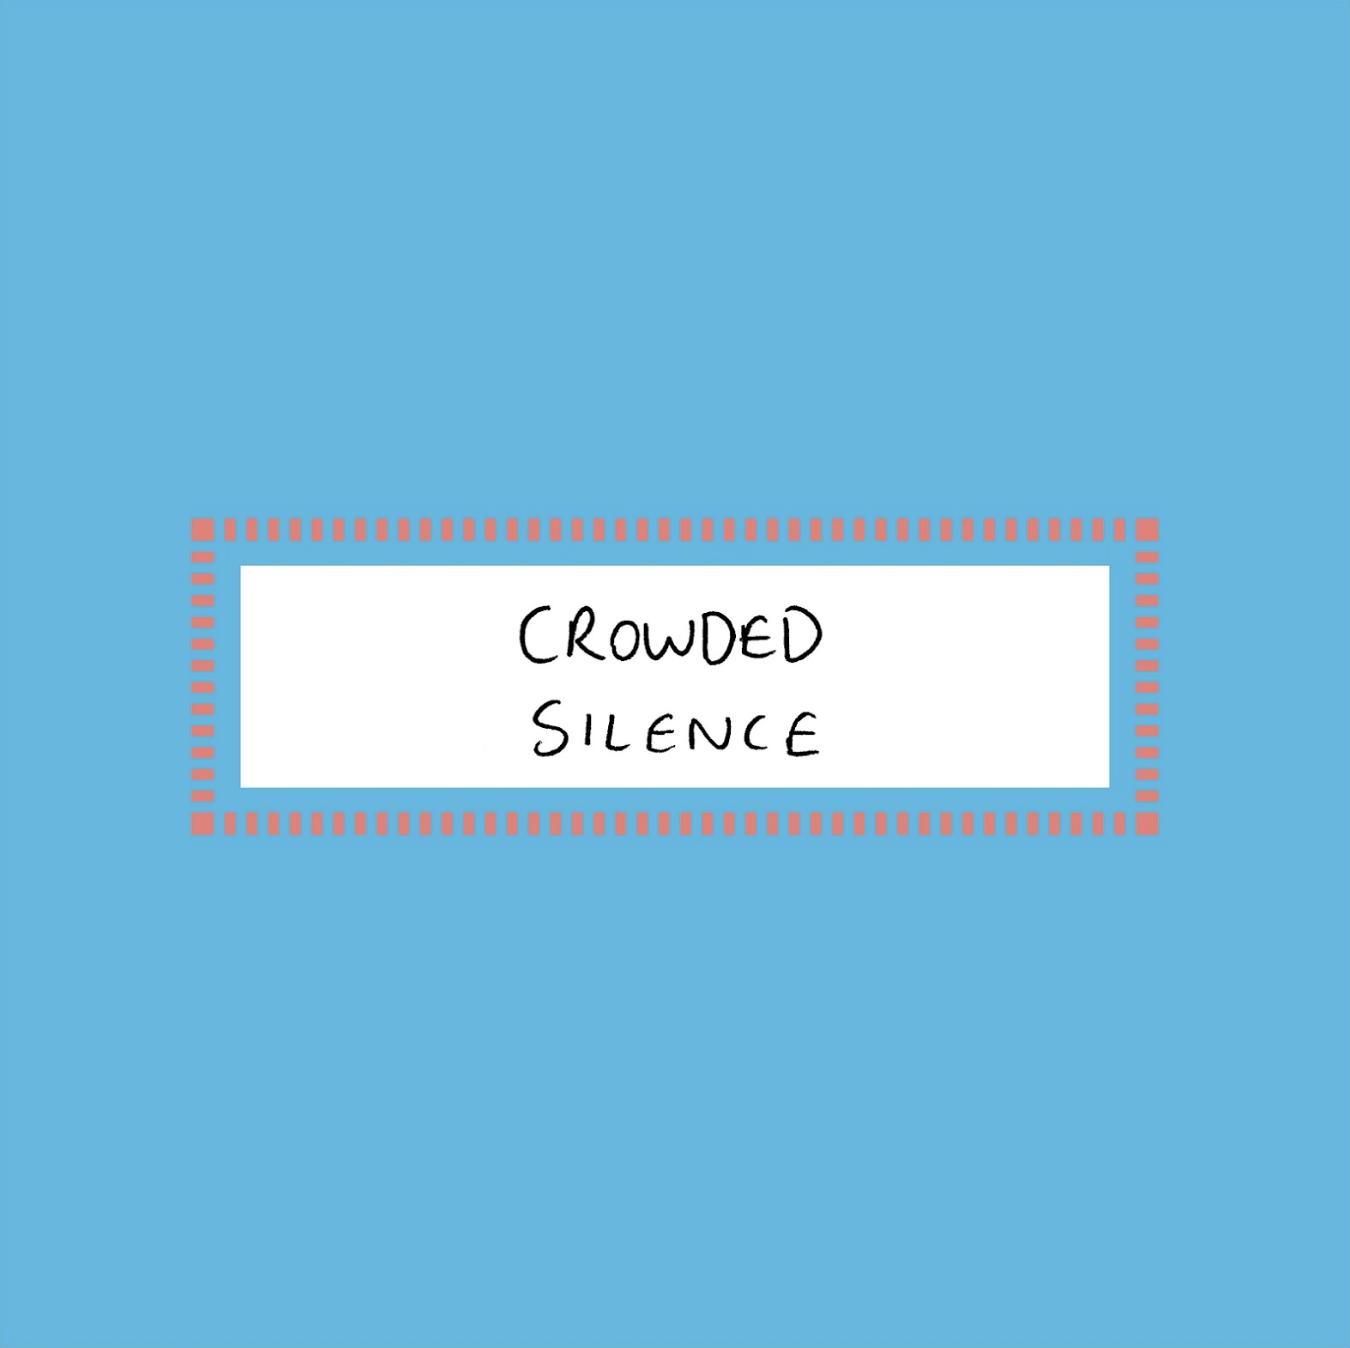 Crowded Silence  by Dejavis Bosket